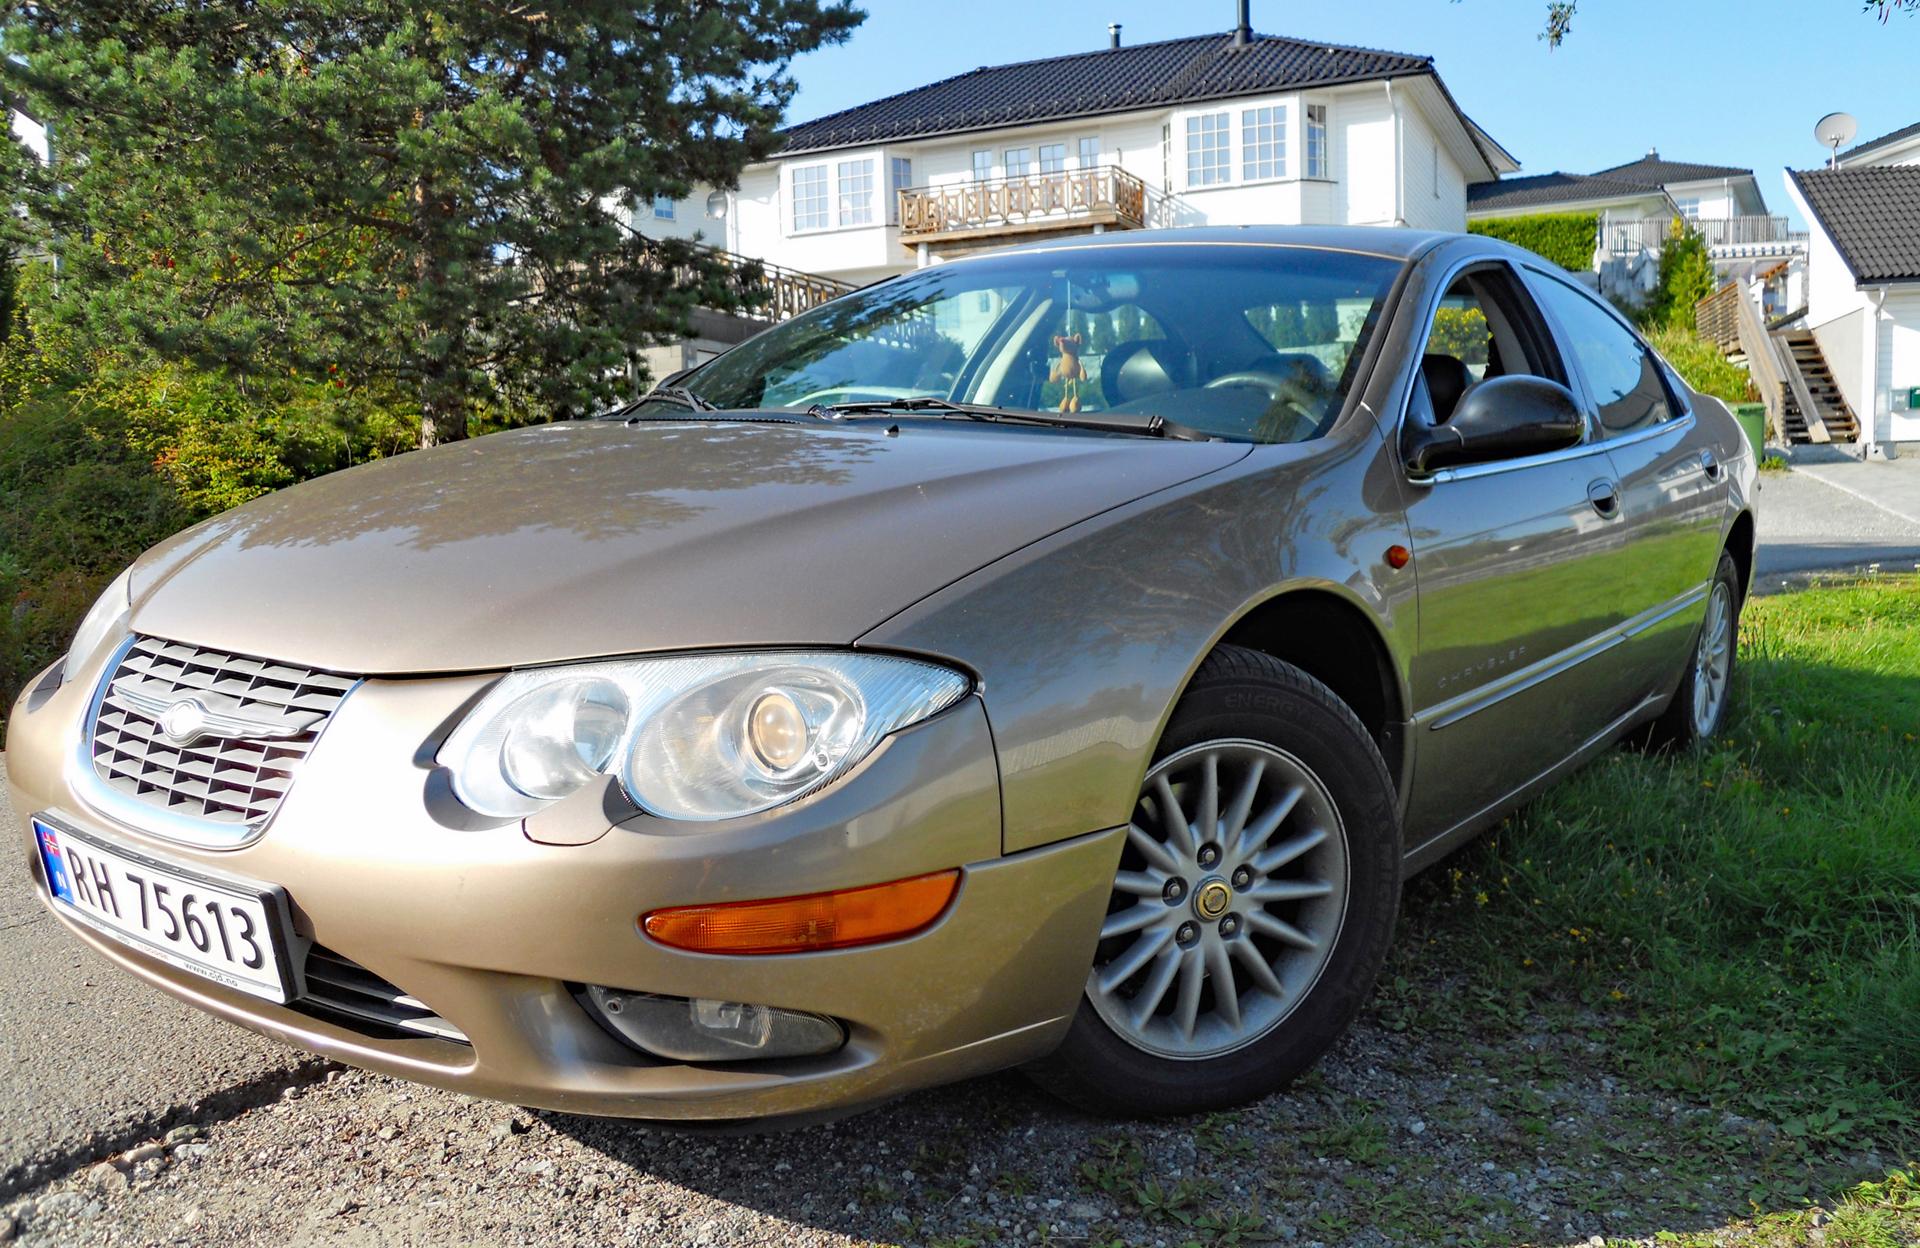 131-2000 Chrysler 300M 01. Eier- medlem 131 Famili